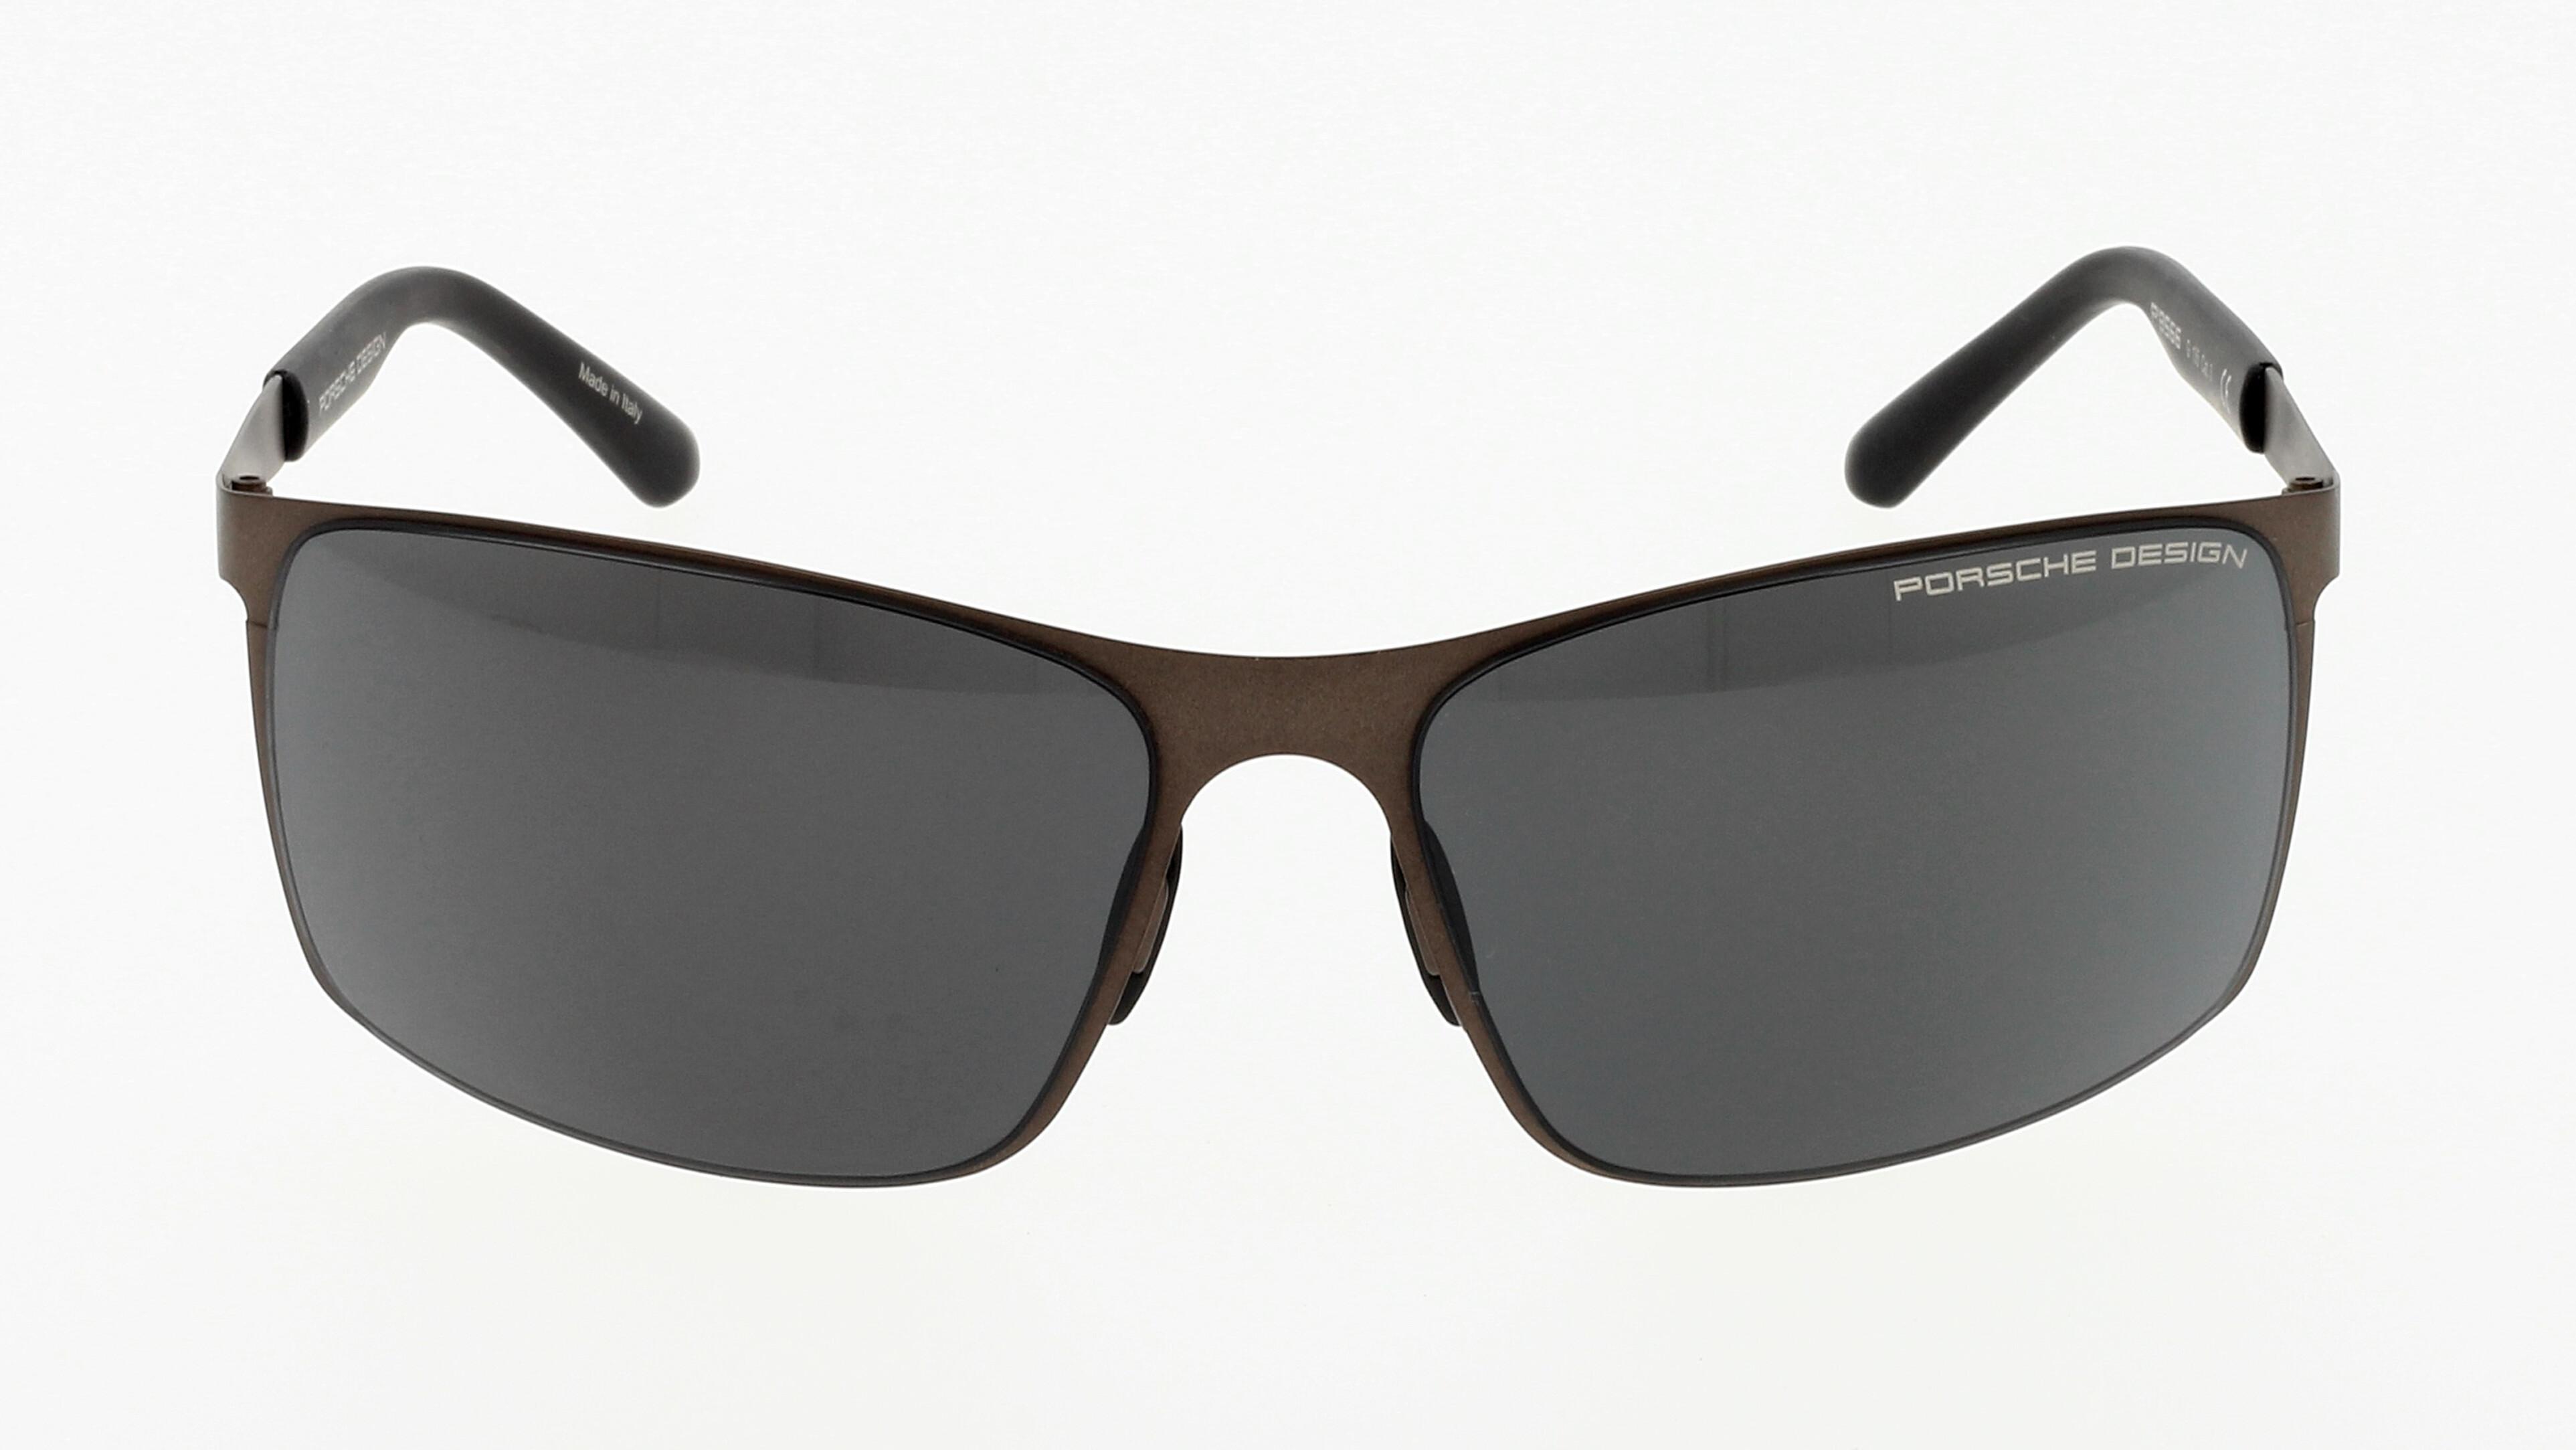 4046901823498-front-sonnenbrille-porsche-design-p8566-brown